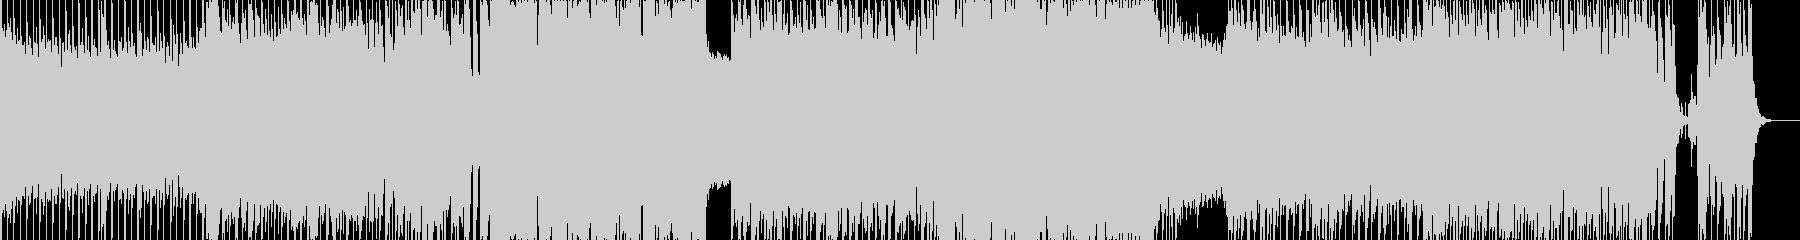 ロック スピード系映像向 ギターインストの未再生の波形